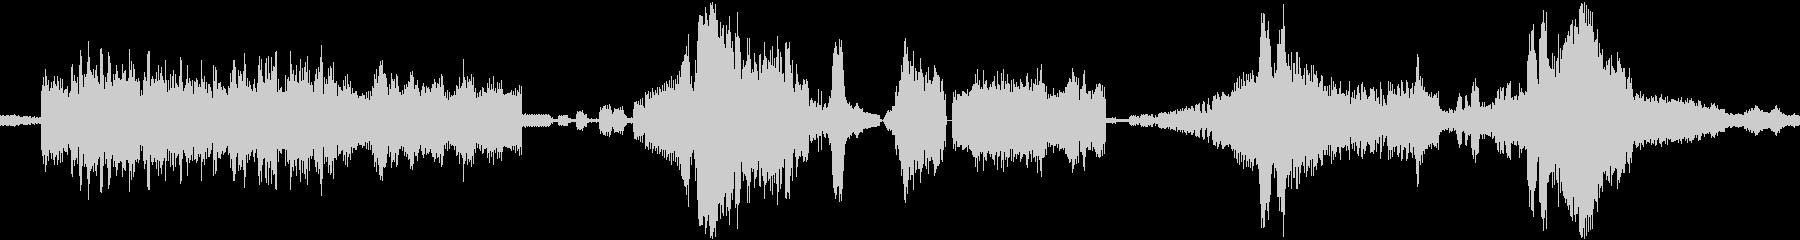 スペースファイターデュエル:デュエ...の未再生の波形